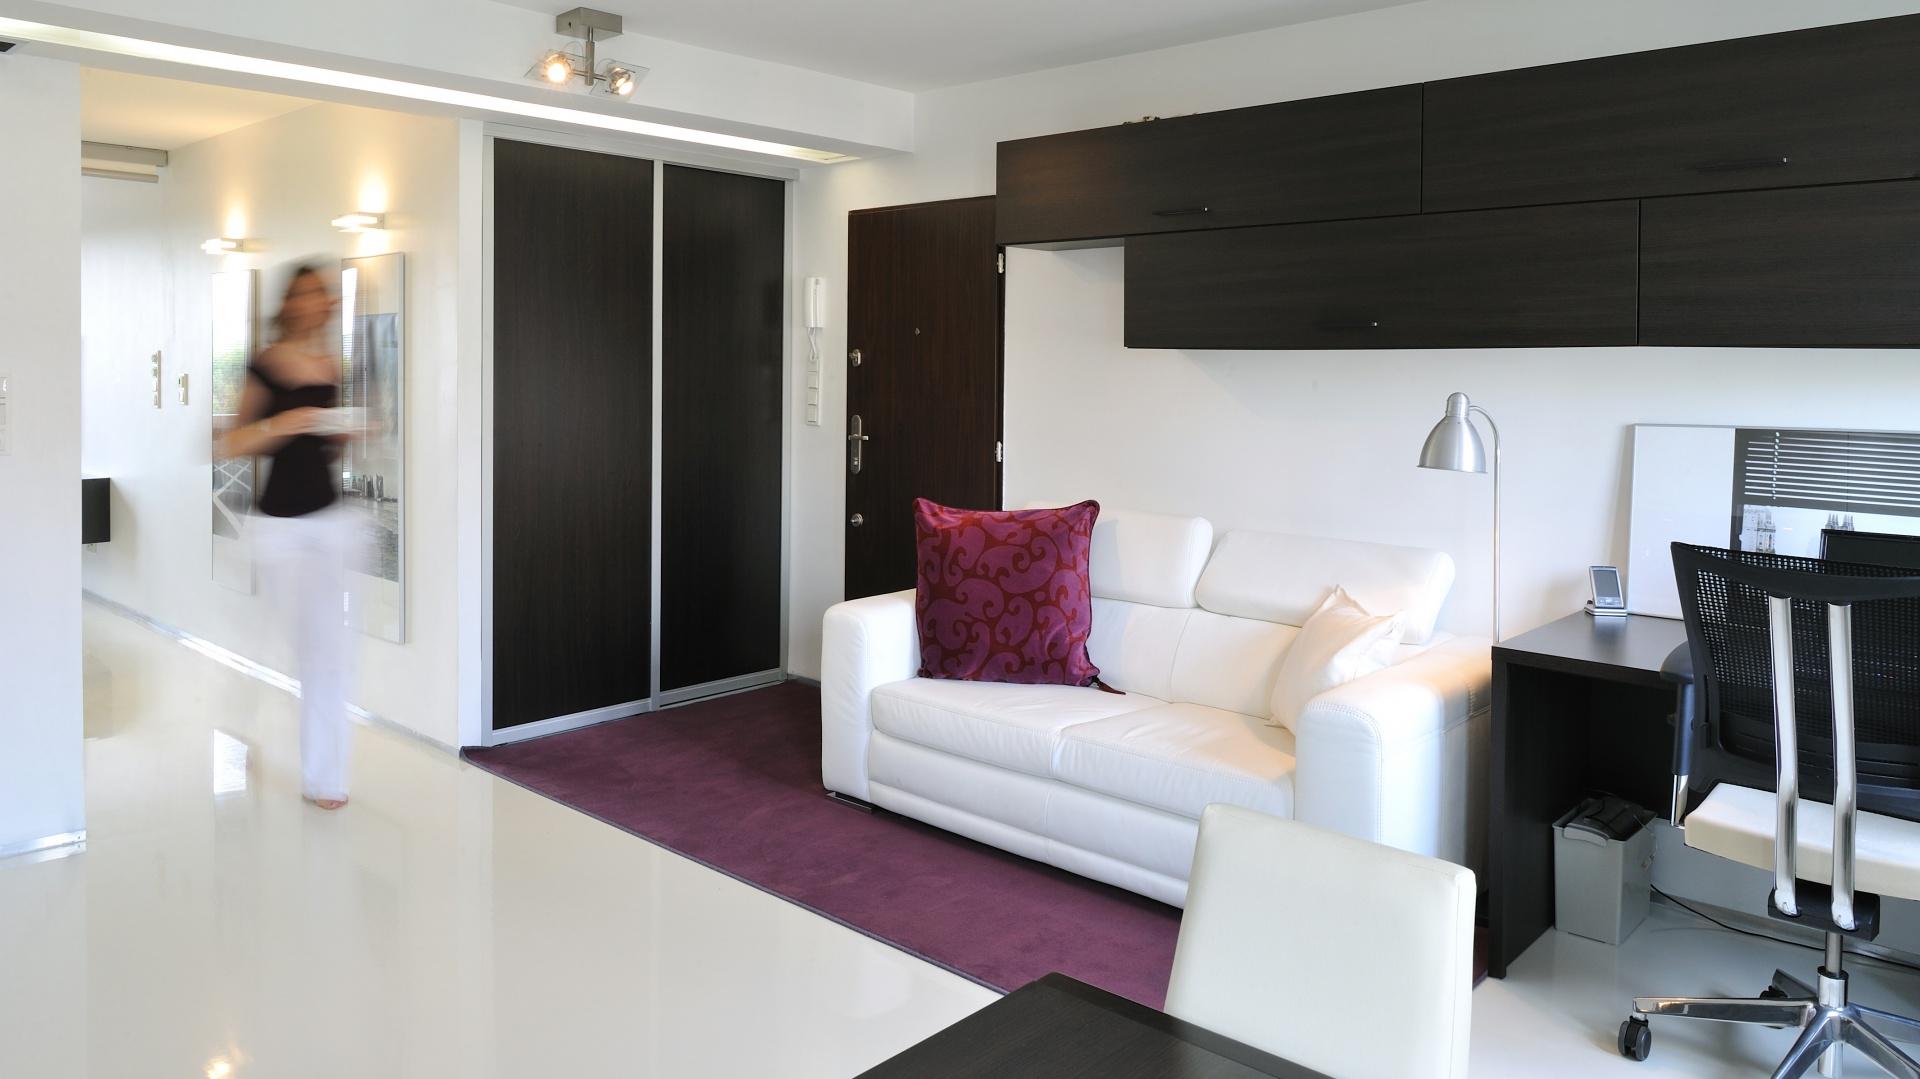 W salonie wygospodarowano miejsce na niewielki kącik do pracy. Projekt: RS+ Architekci. Fot. Tomasz Zakrzewski.